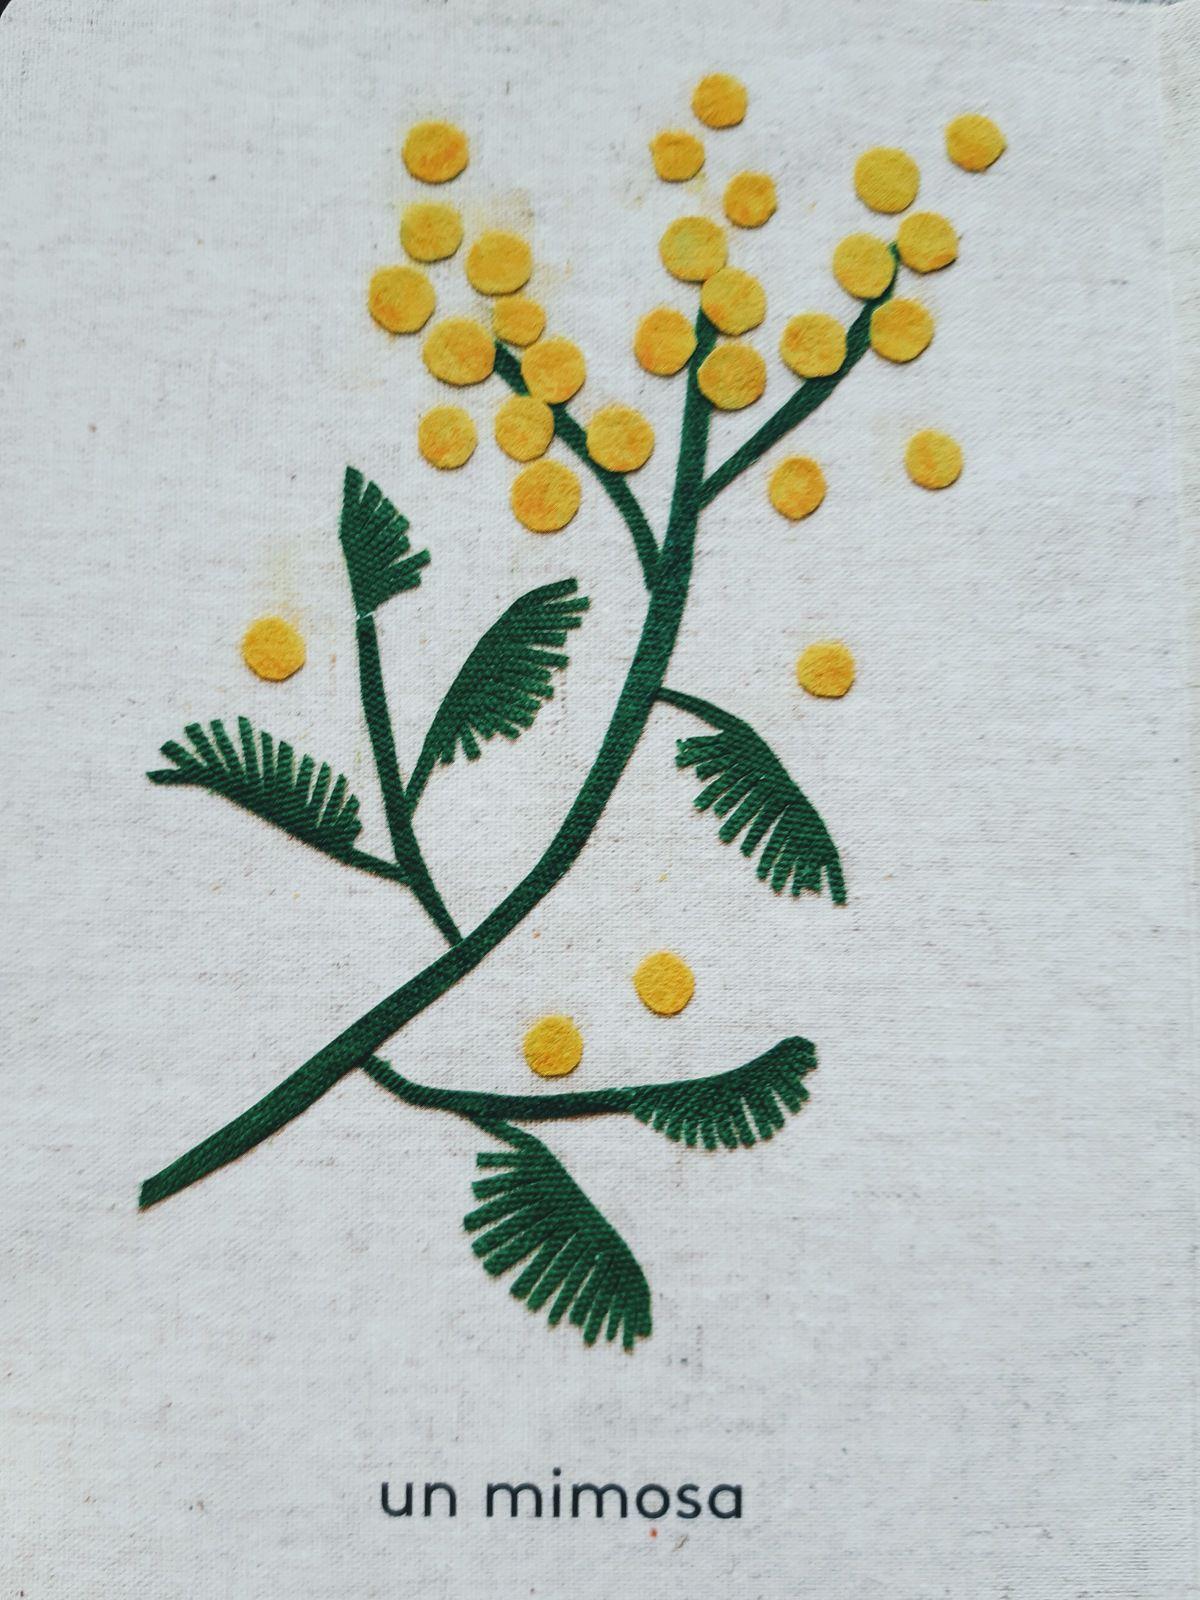 L'imagier des fleurs du jardin, Marie-Noëlle Horvath, La Joie de Lire, 2021